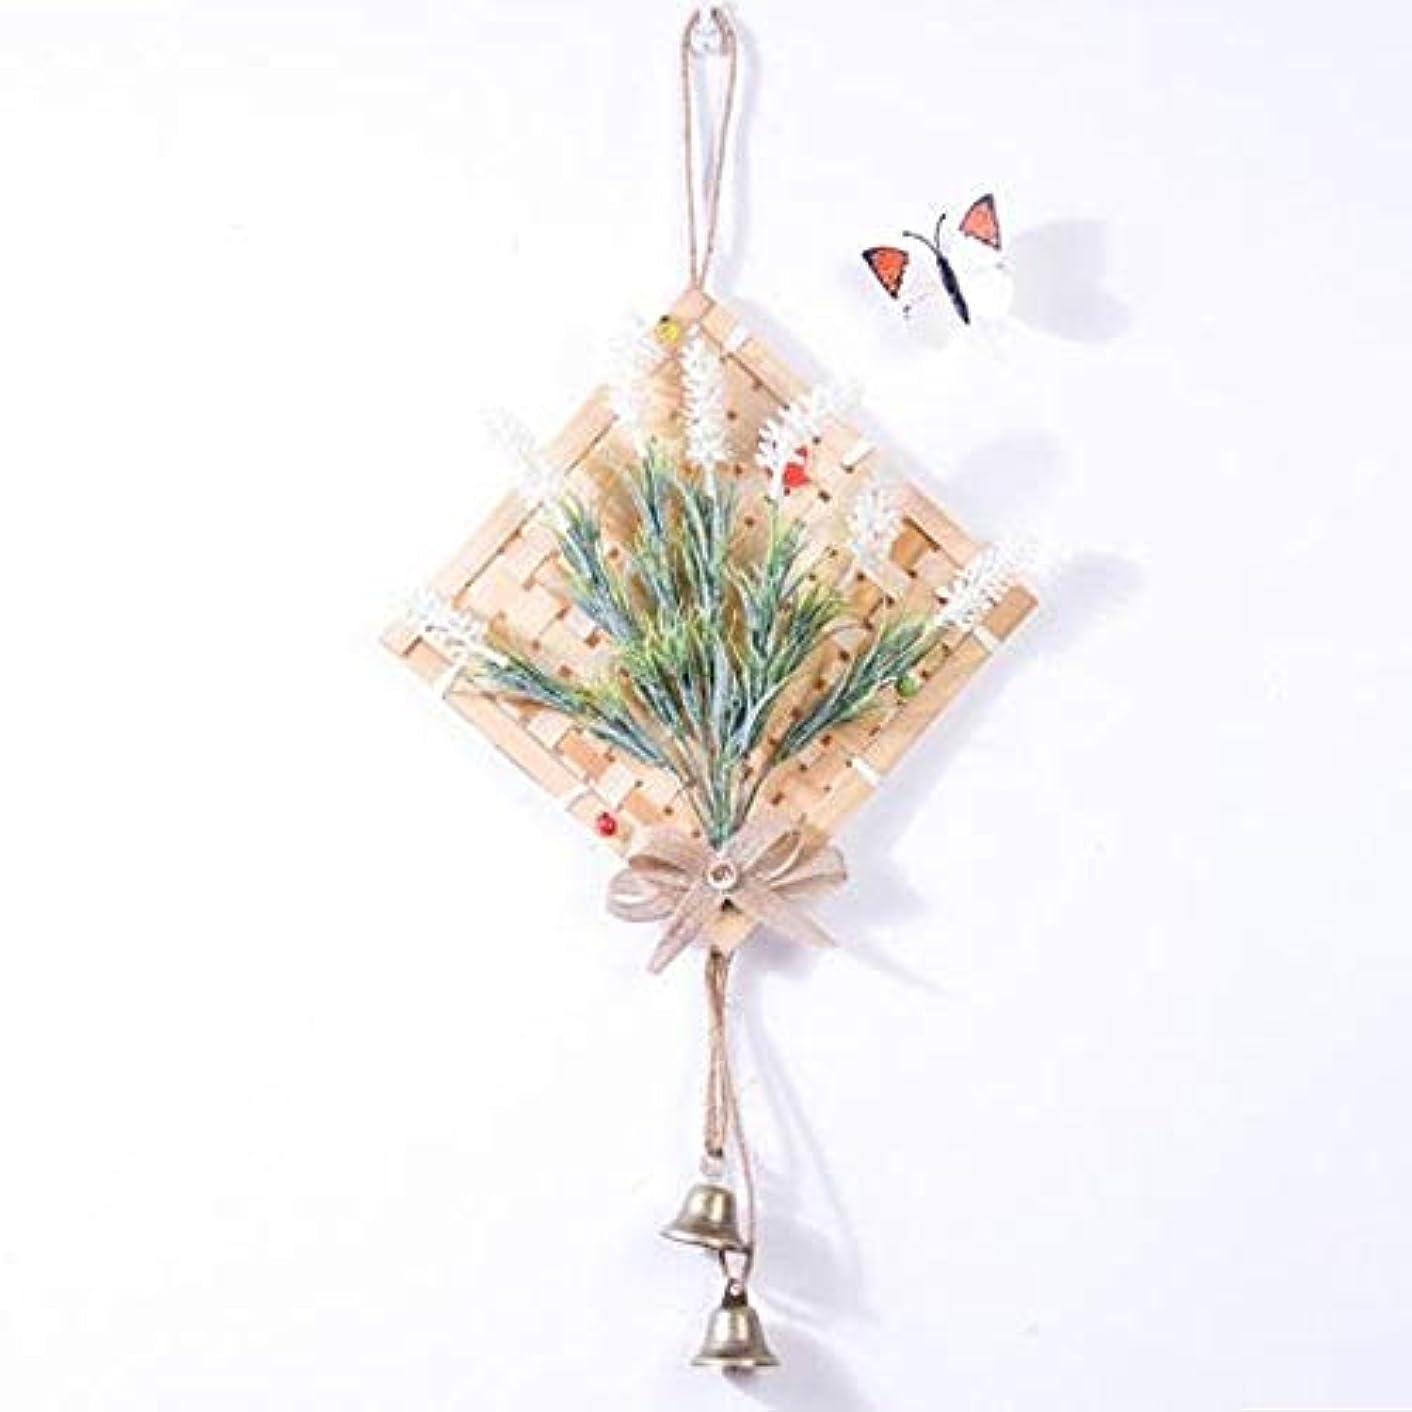 無秩序ミスペンド華氏Gaoxingbianlidian001 風チャイム、クリエイティブ?竹風チャイム、白、幅28.5cmくらい,楽しいホリデーギフト (Color : White)